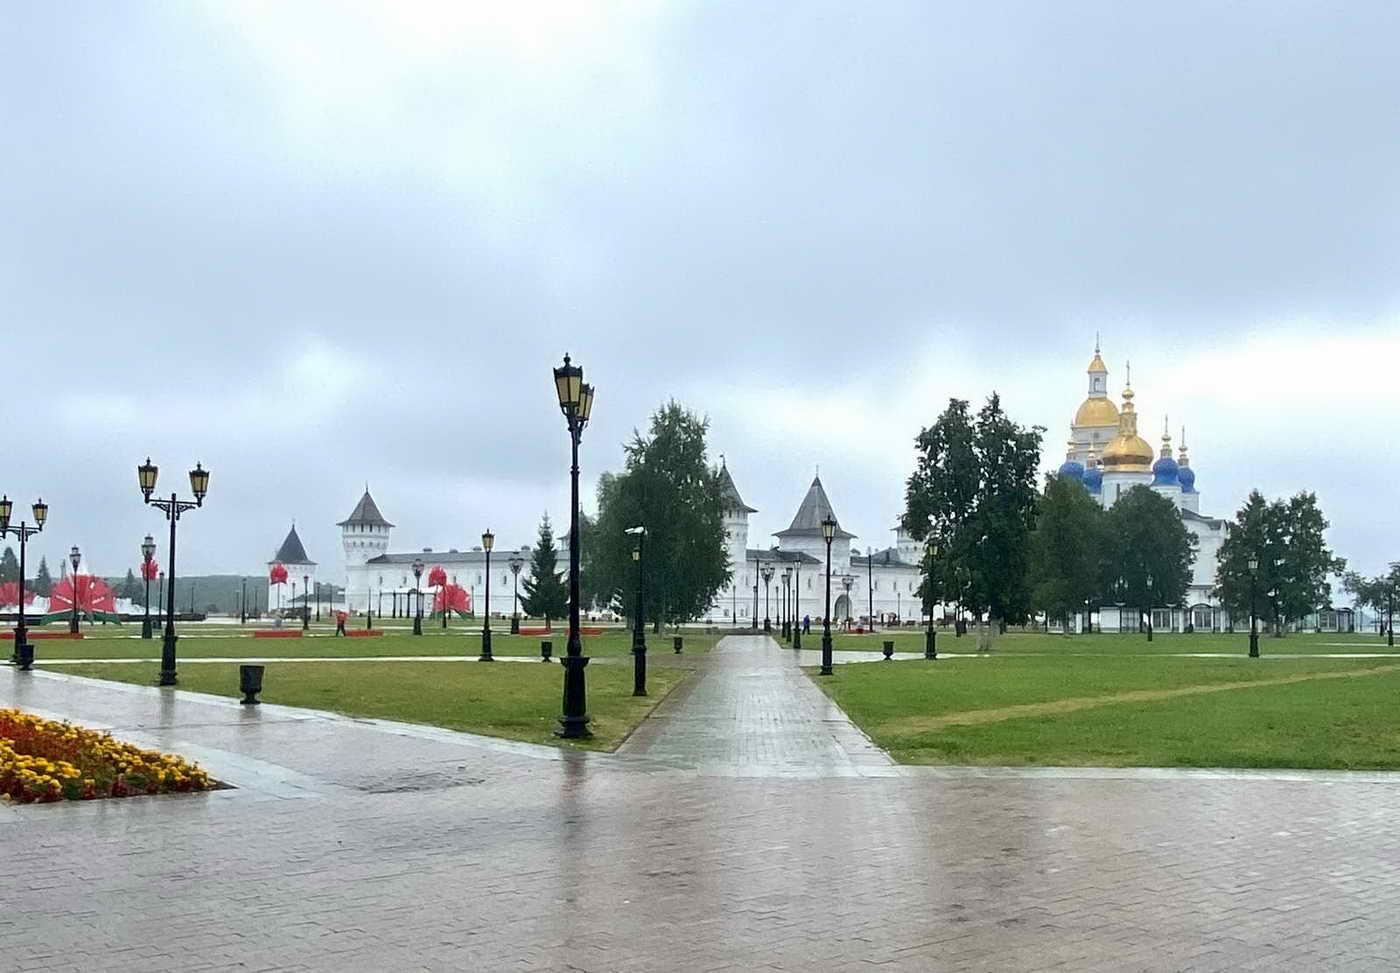 Тобольский Кремль. Что посмотреть в Тобольске